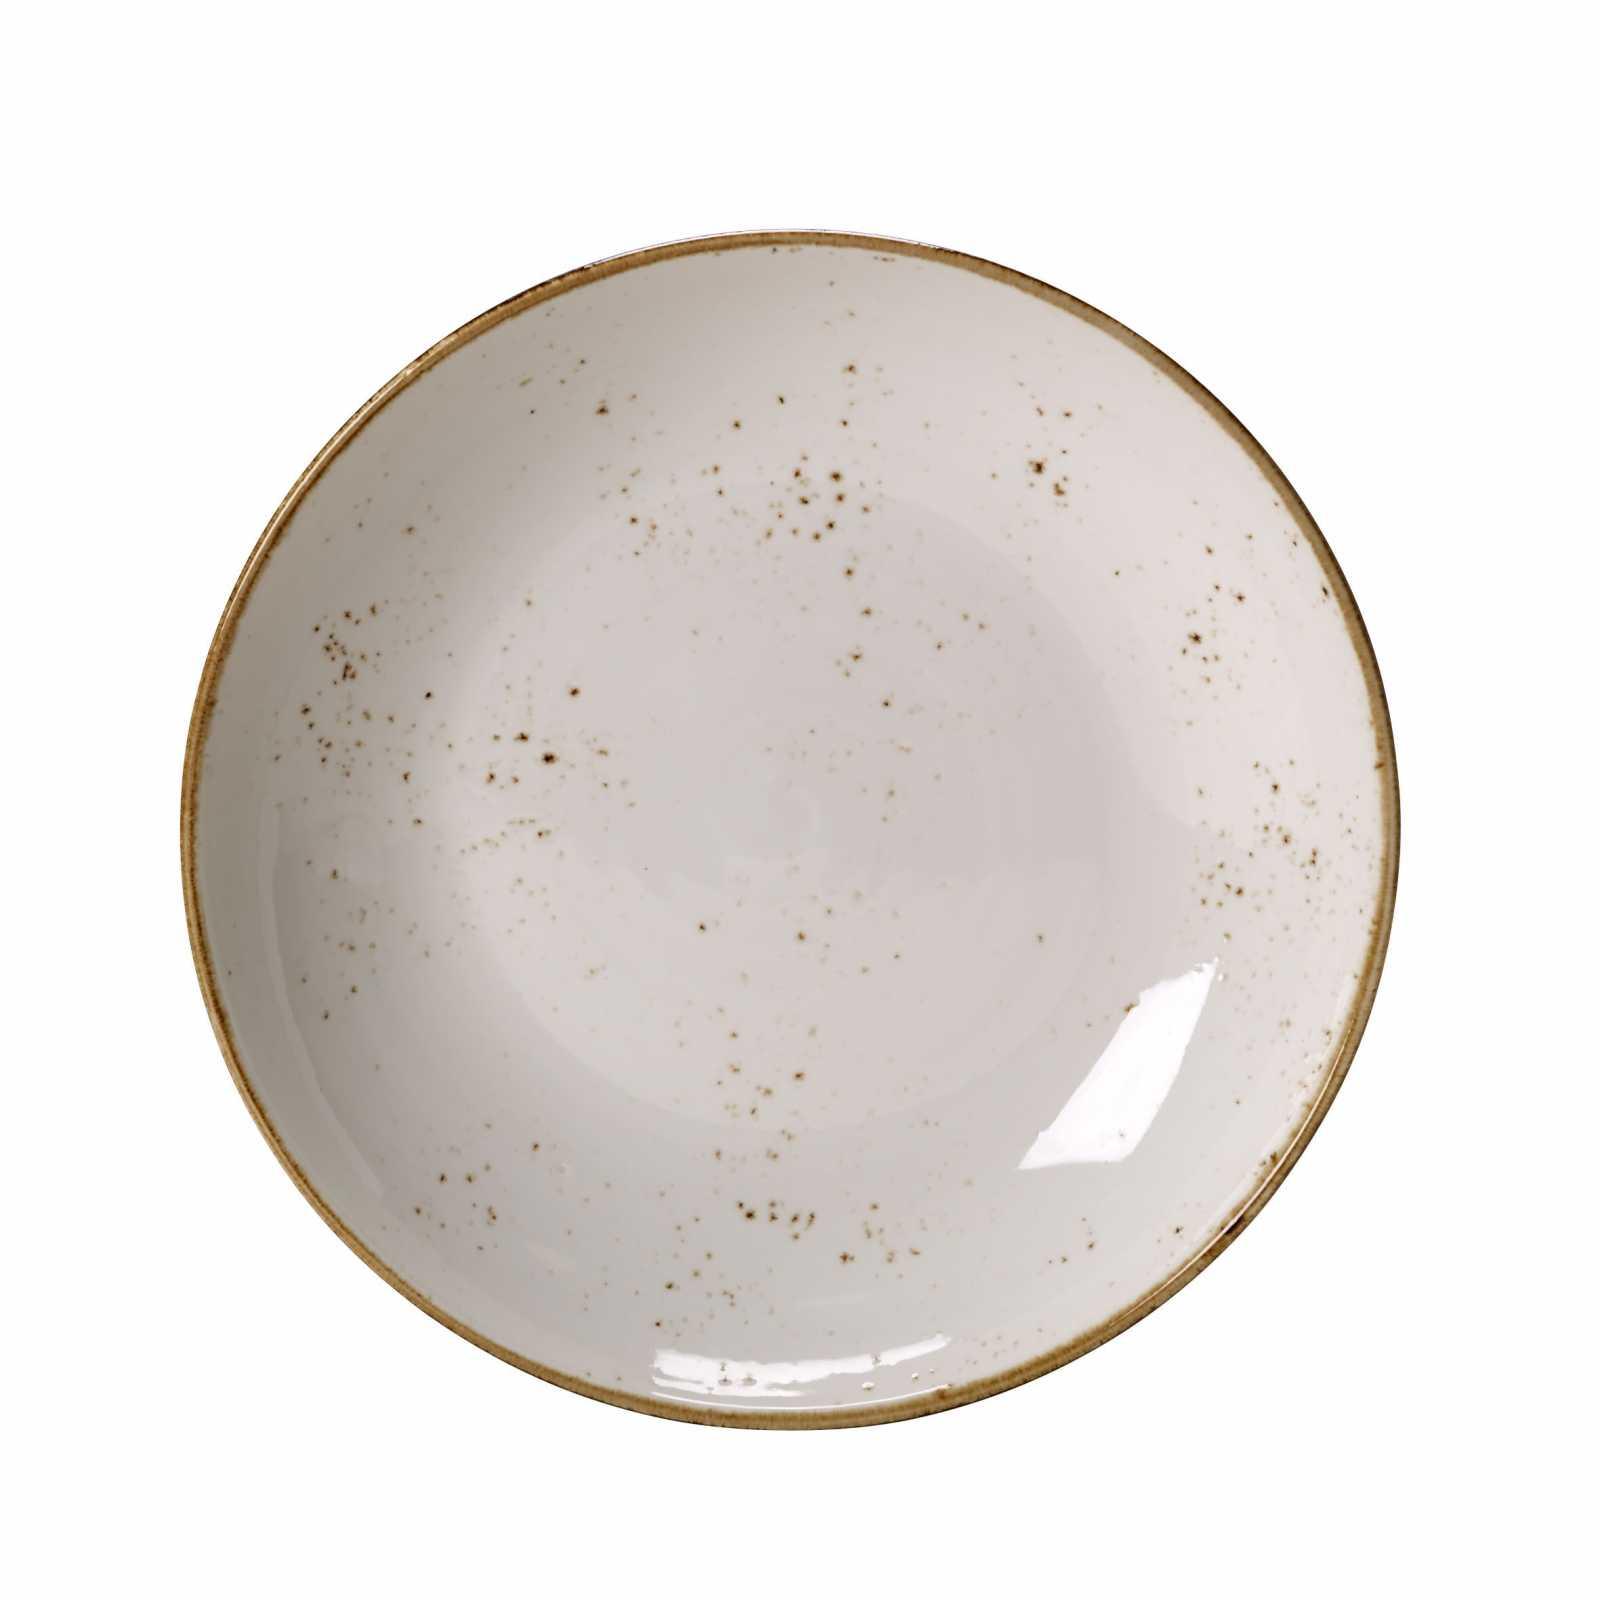 Онлайн каталог PROMENU: Салатник фарфоровый Steelite CRAFT WHITE, диаметр 21,6 см, объем 0,835 л, белый Steelite 11550570